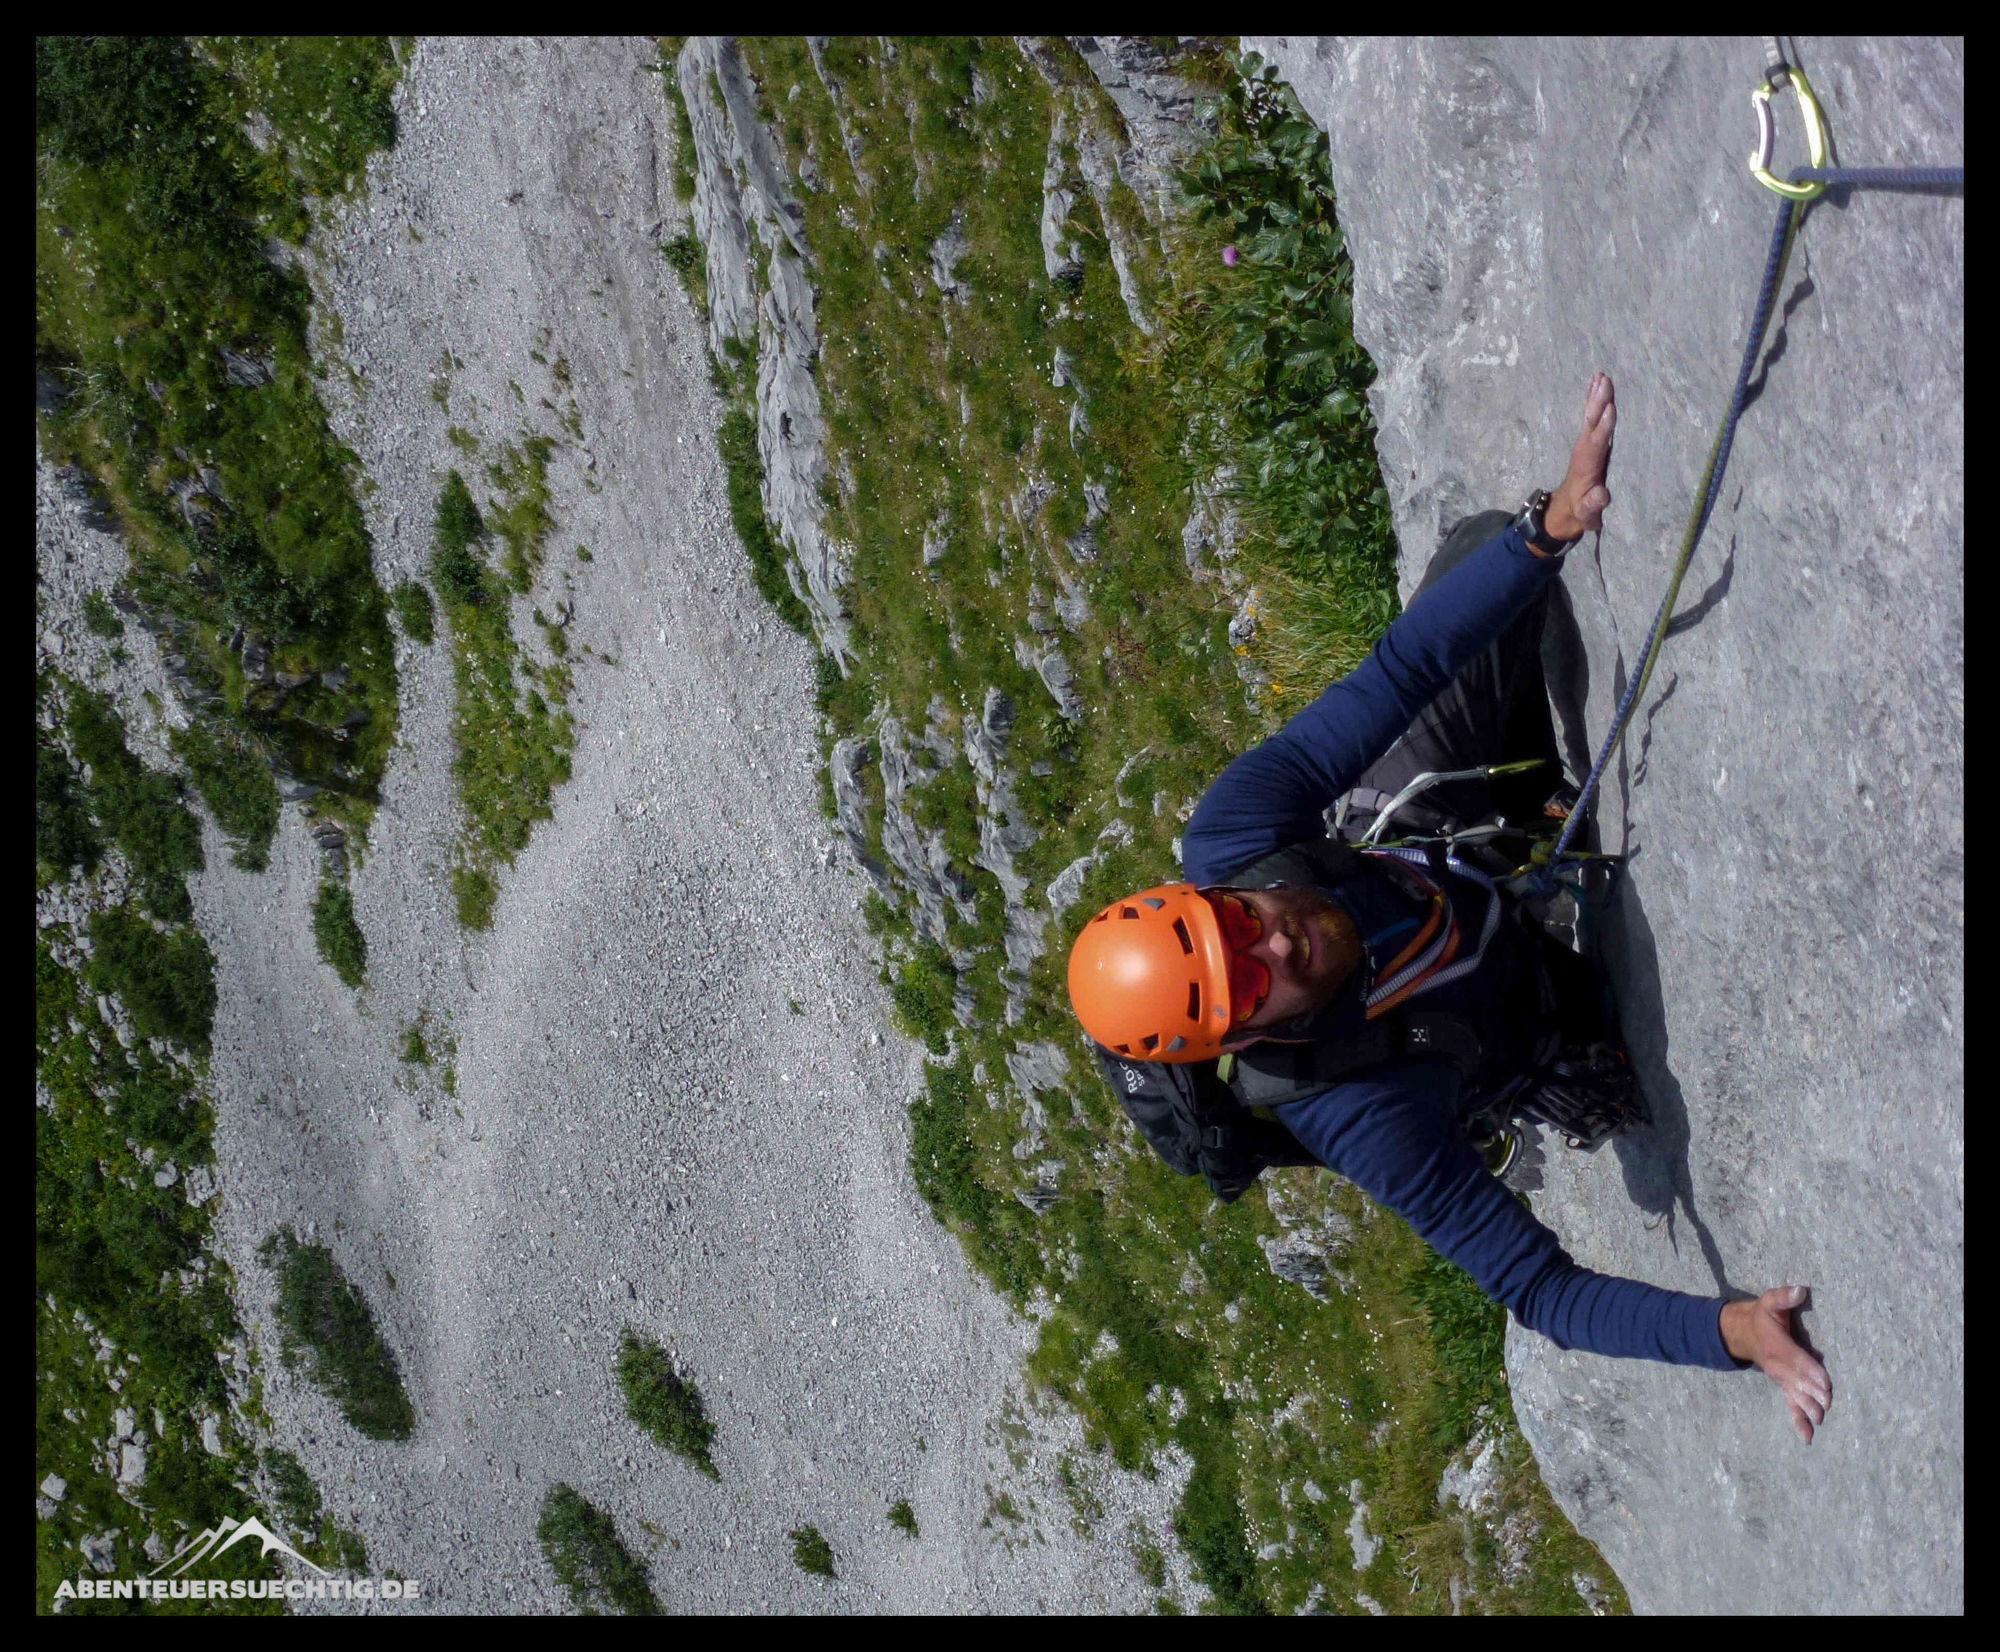 Klettergurt Mit Seil Verbinden : Gedanken am anderen ende des seils abenteuersuechtig